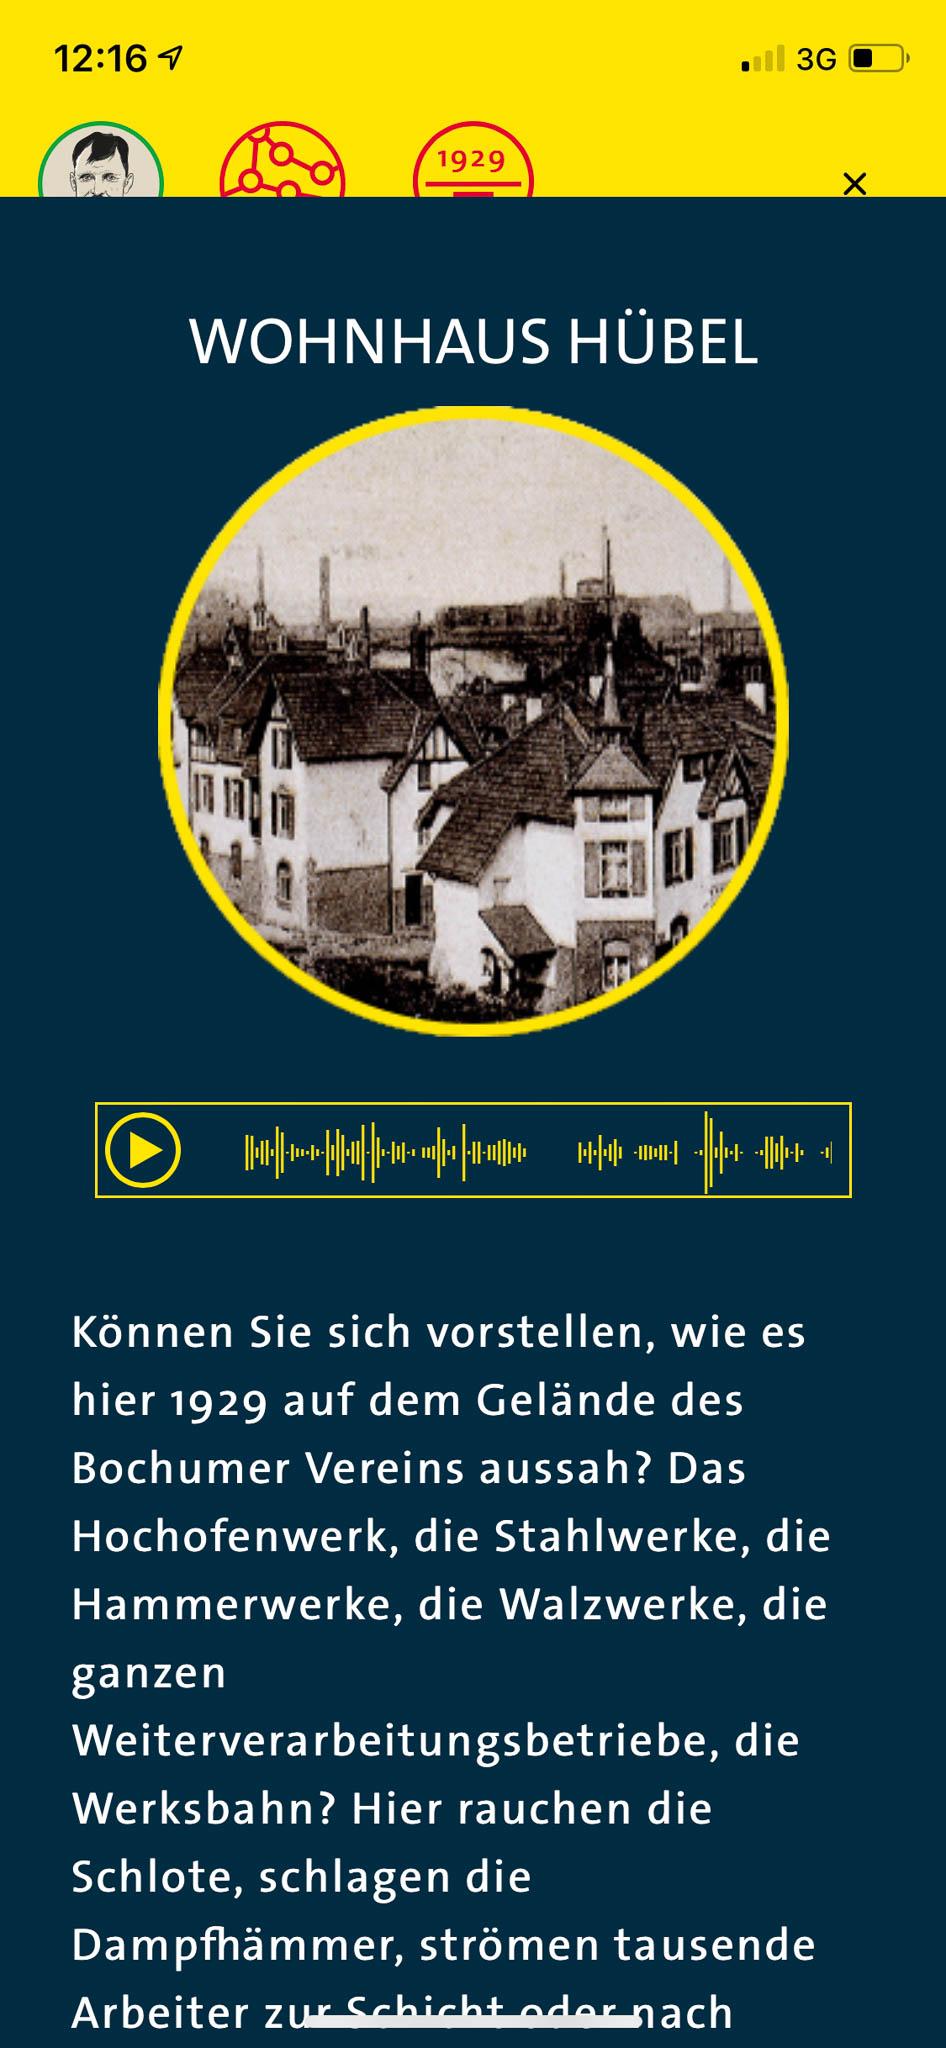 Aufgrund des historischen Fotos fällt die Identifizierung des aktuellen Standorts manchmal schwer.